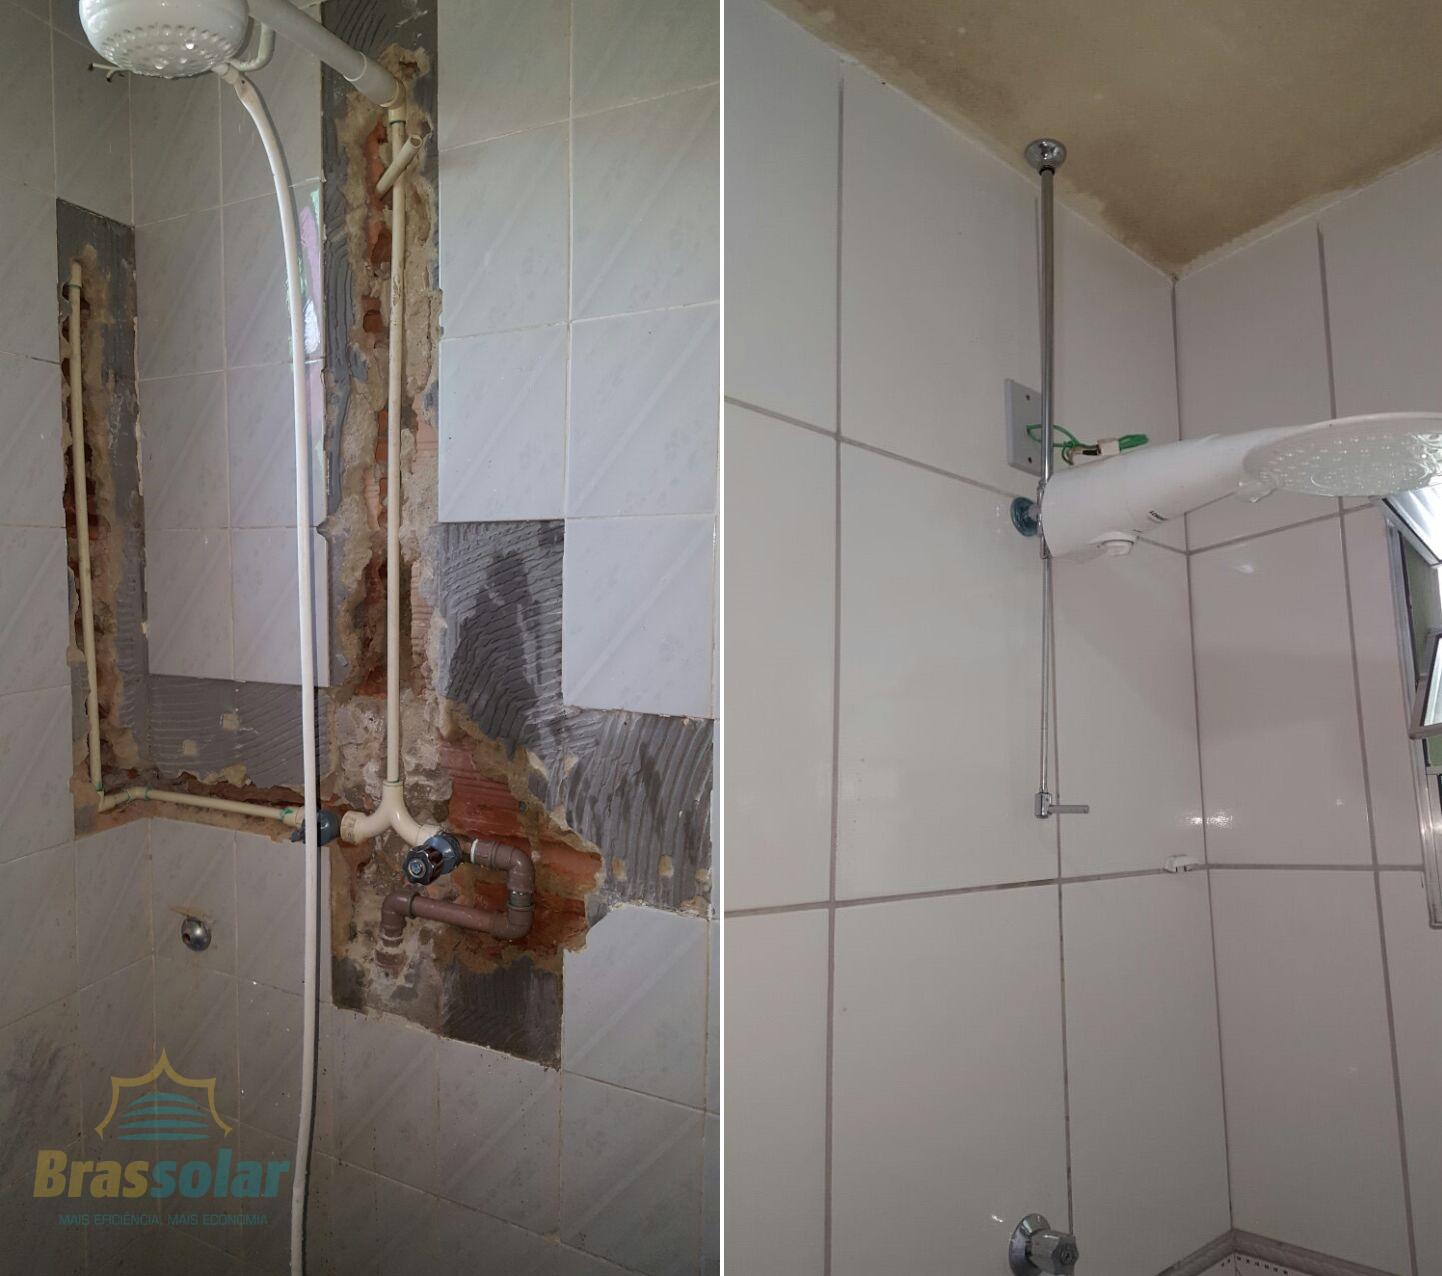 Instalação sem quebrar paredes Chuveiro